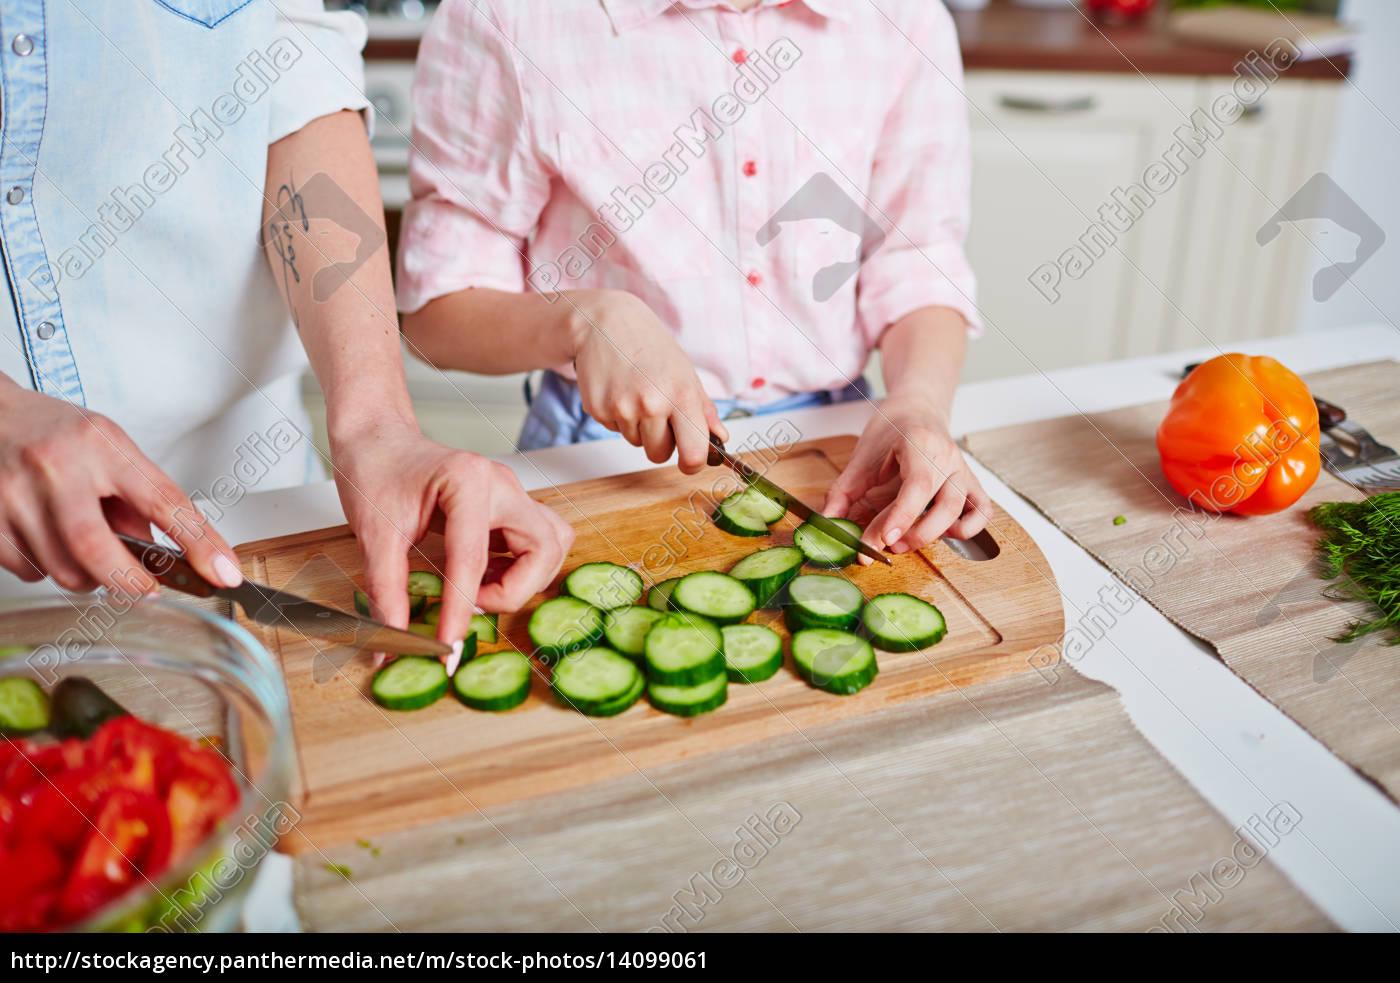 cutting, cucumber, together - 14099061